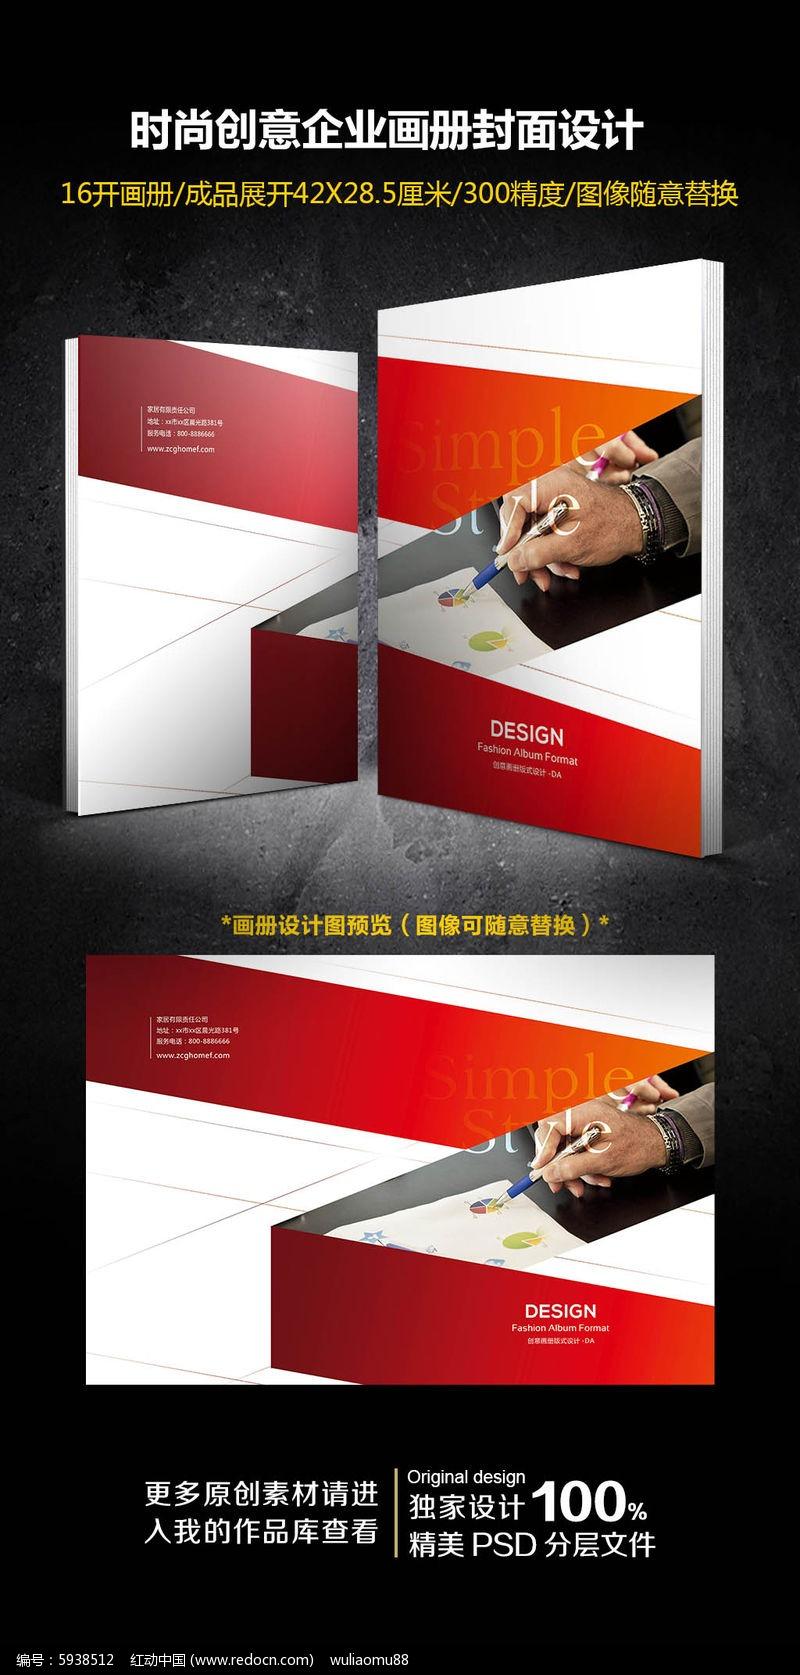 创意画册封面设计模板psd素材下载(编号5938512)_红动